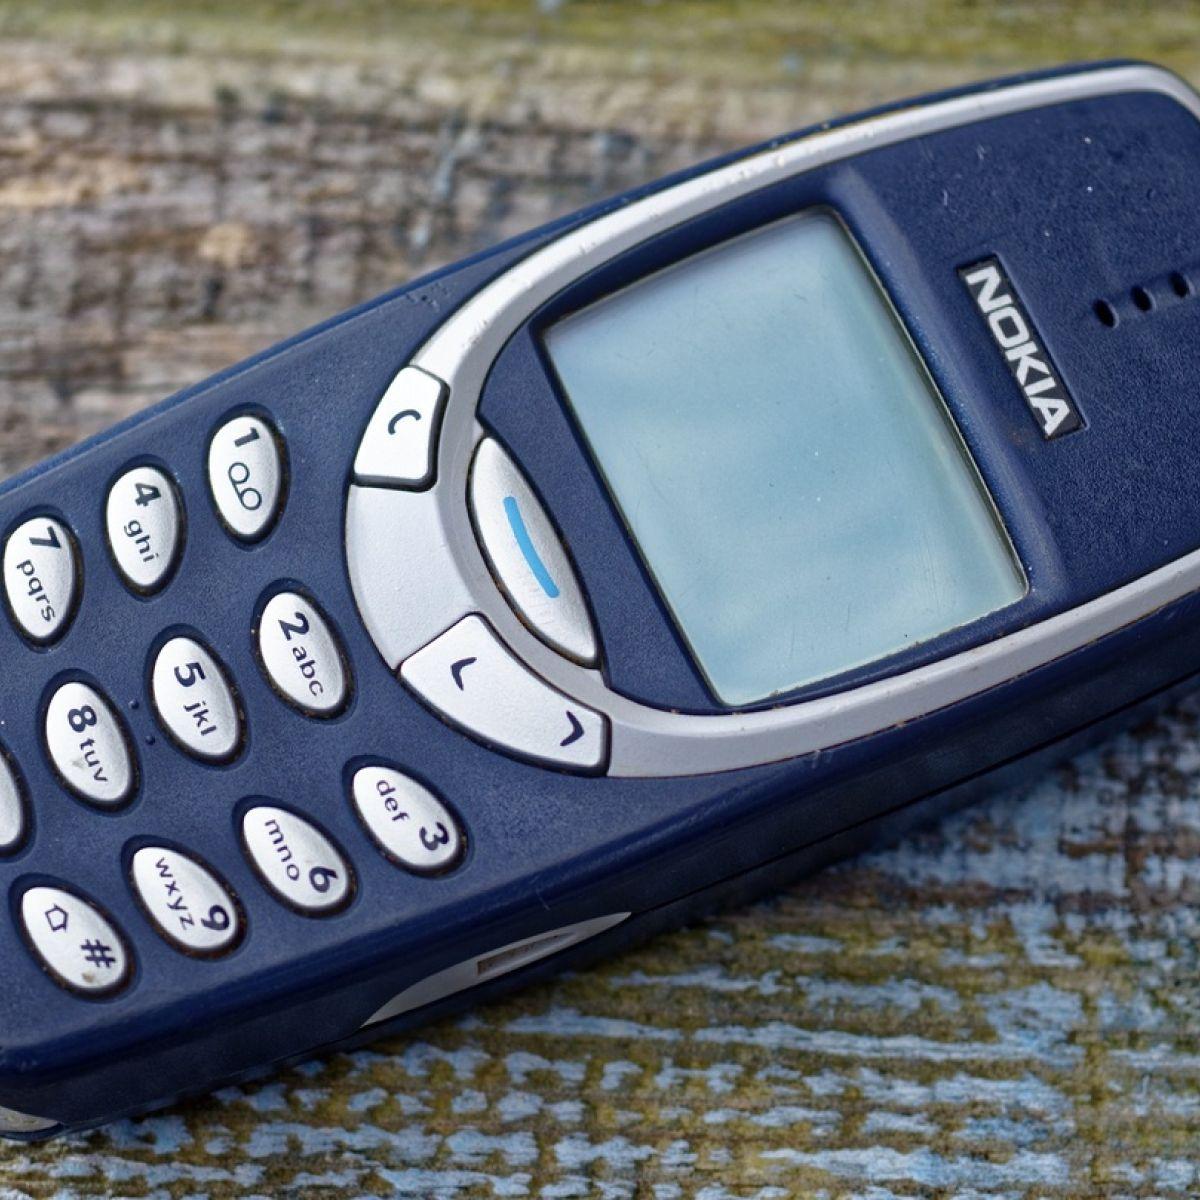 κινητό τηλέφωνο dating Ιρλανδία να βγαίνω με κάποιον με προβλήματα οικειότητας